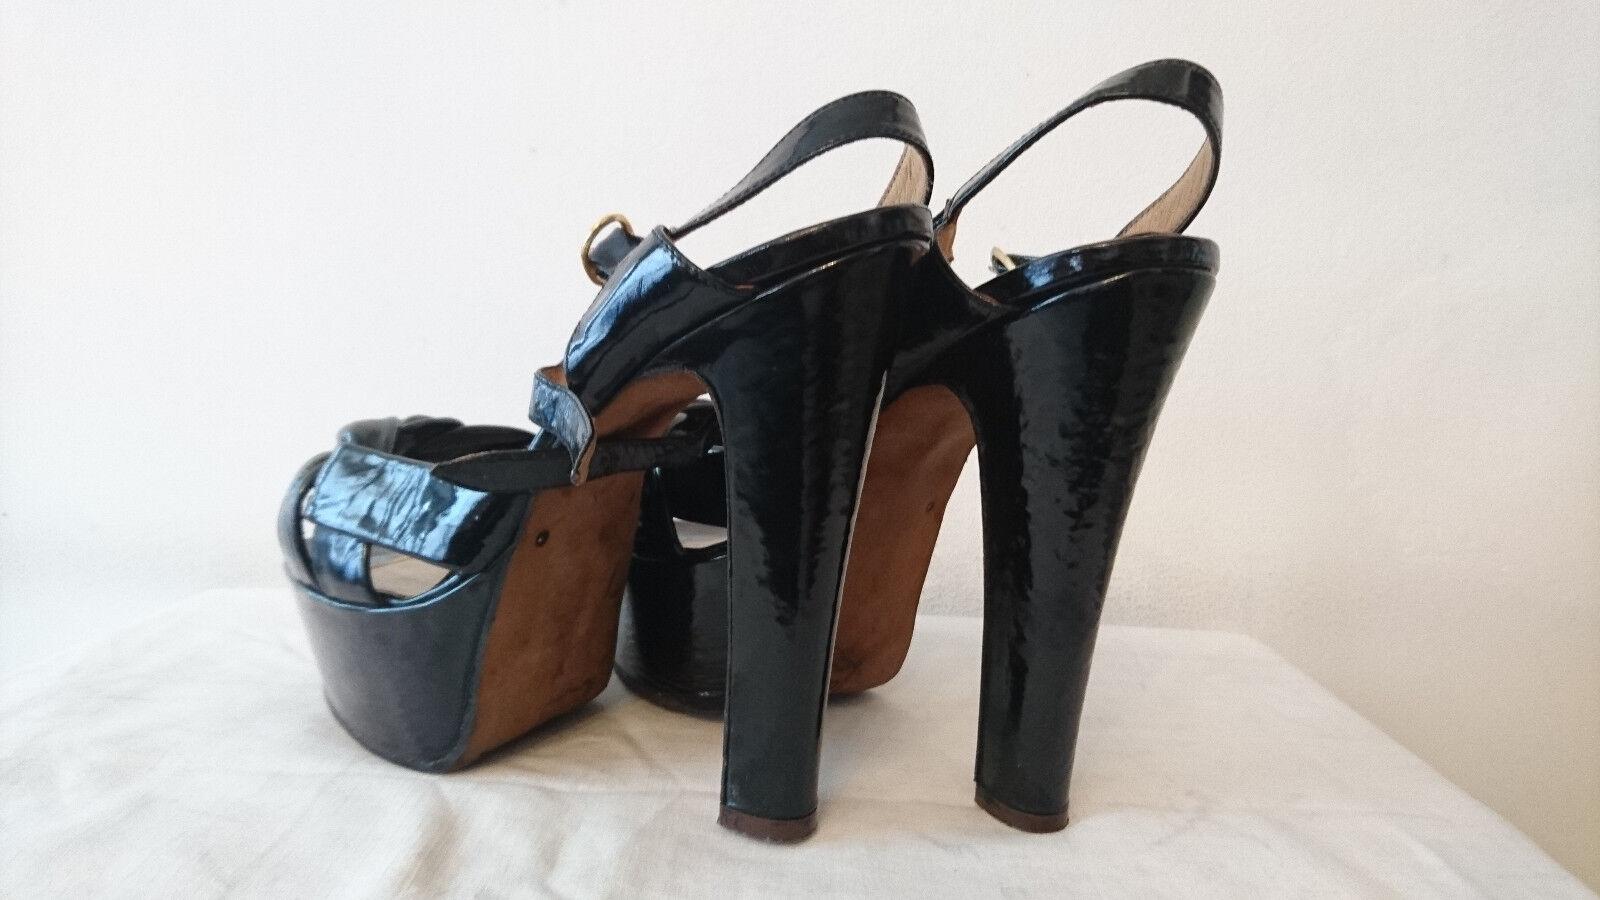 Sandales des années 1980 - - - Vernis Noir -  GUIDO DE CAROLIS  Italie    - T.39,5 e5cf8d